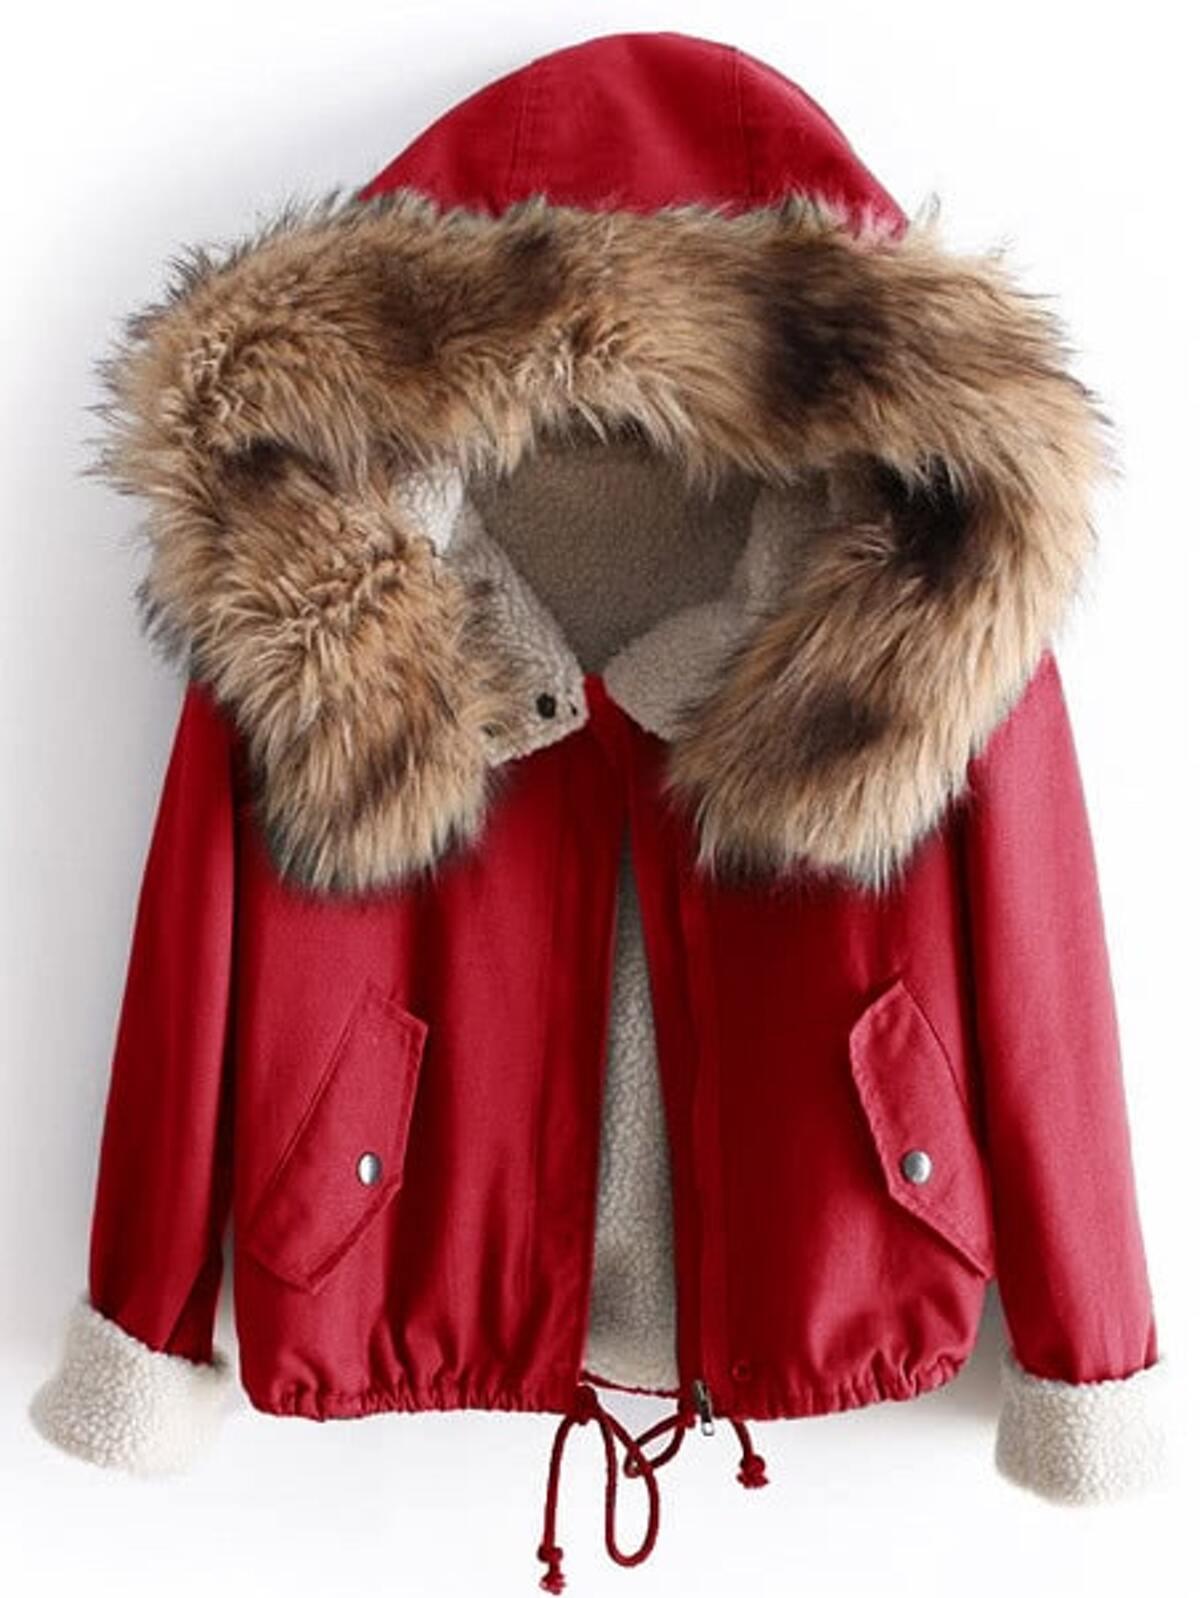 羊毛 有內襯的 外套 附有 人造軟毛 裝飾 頭罩...